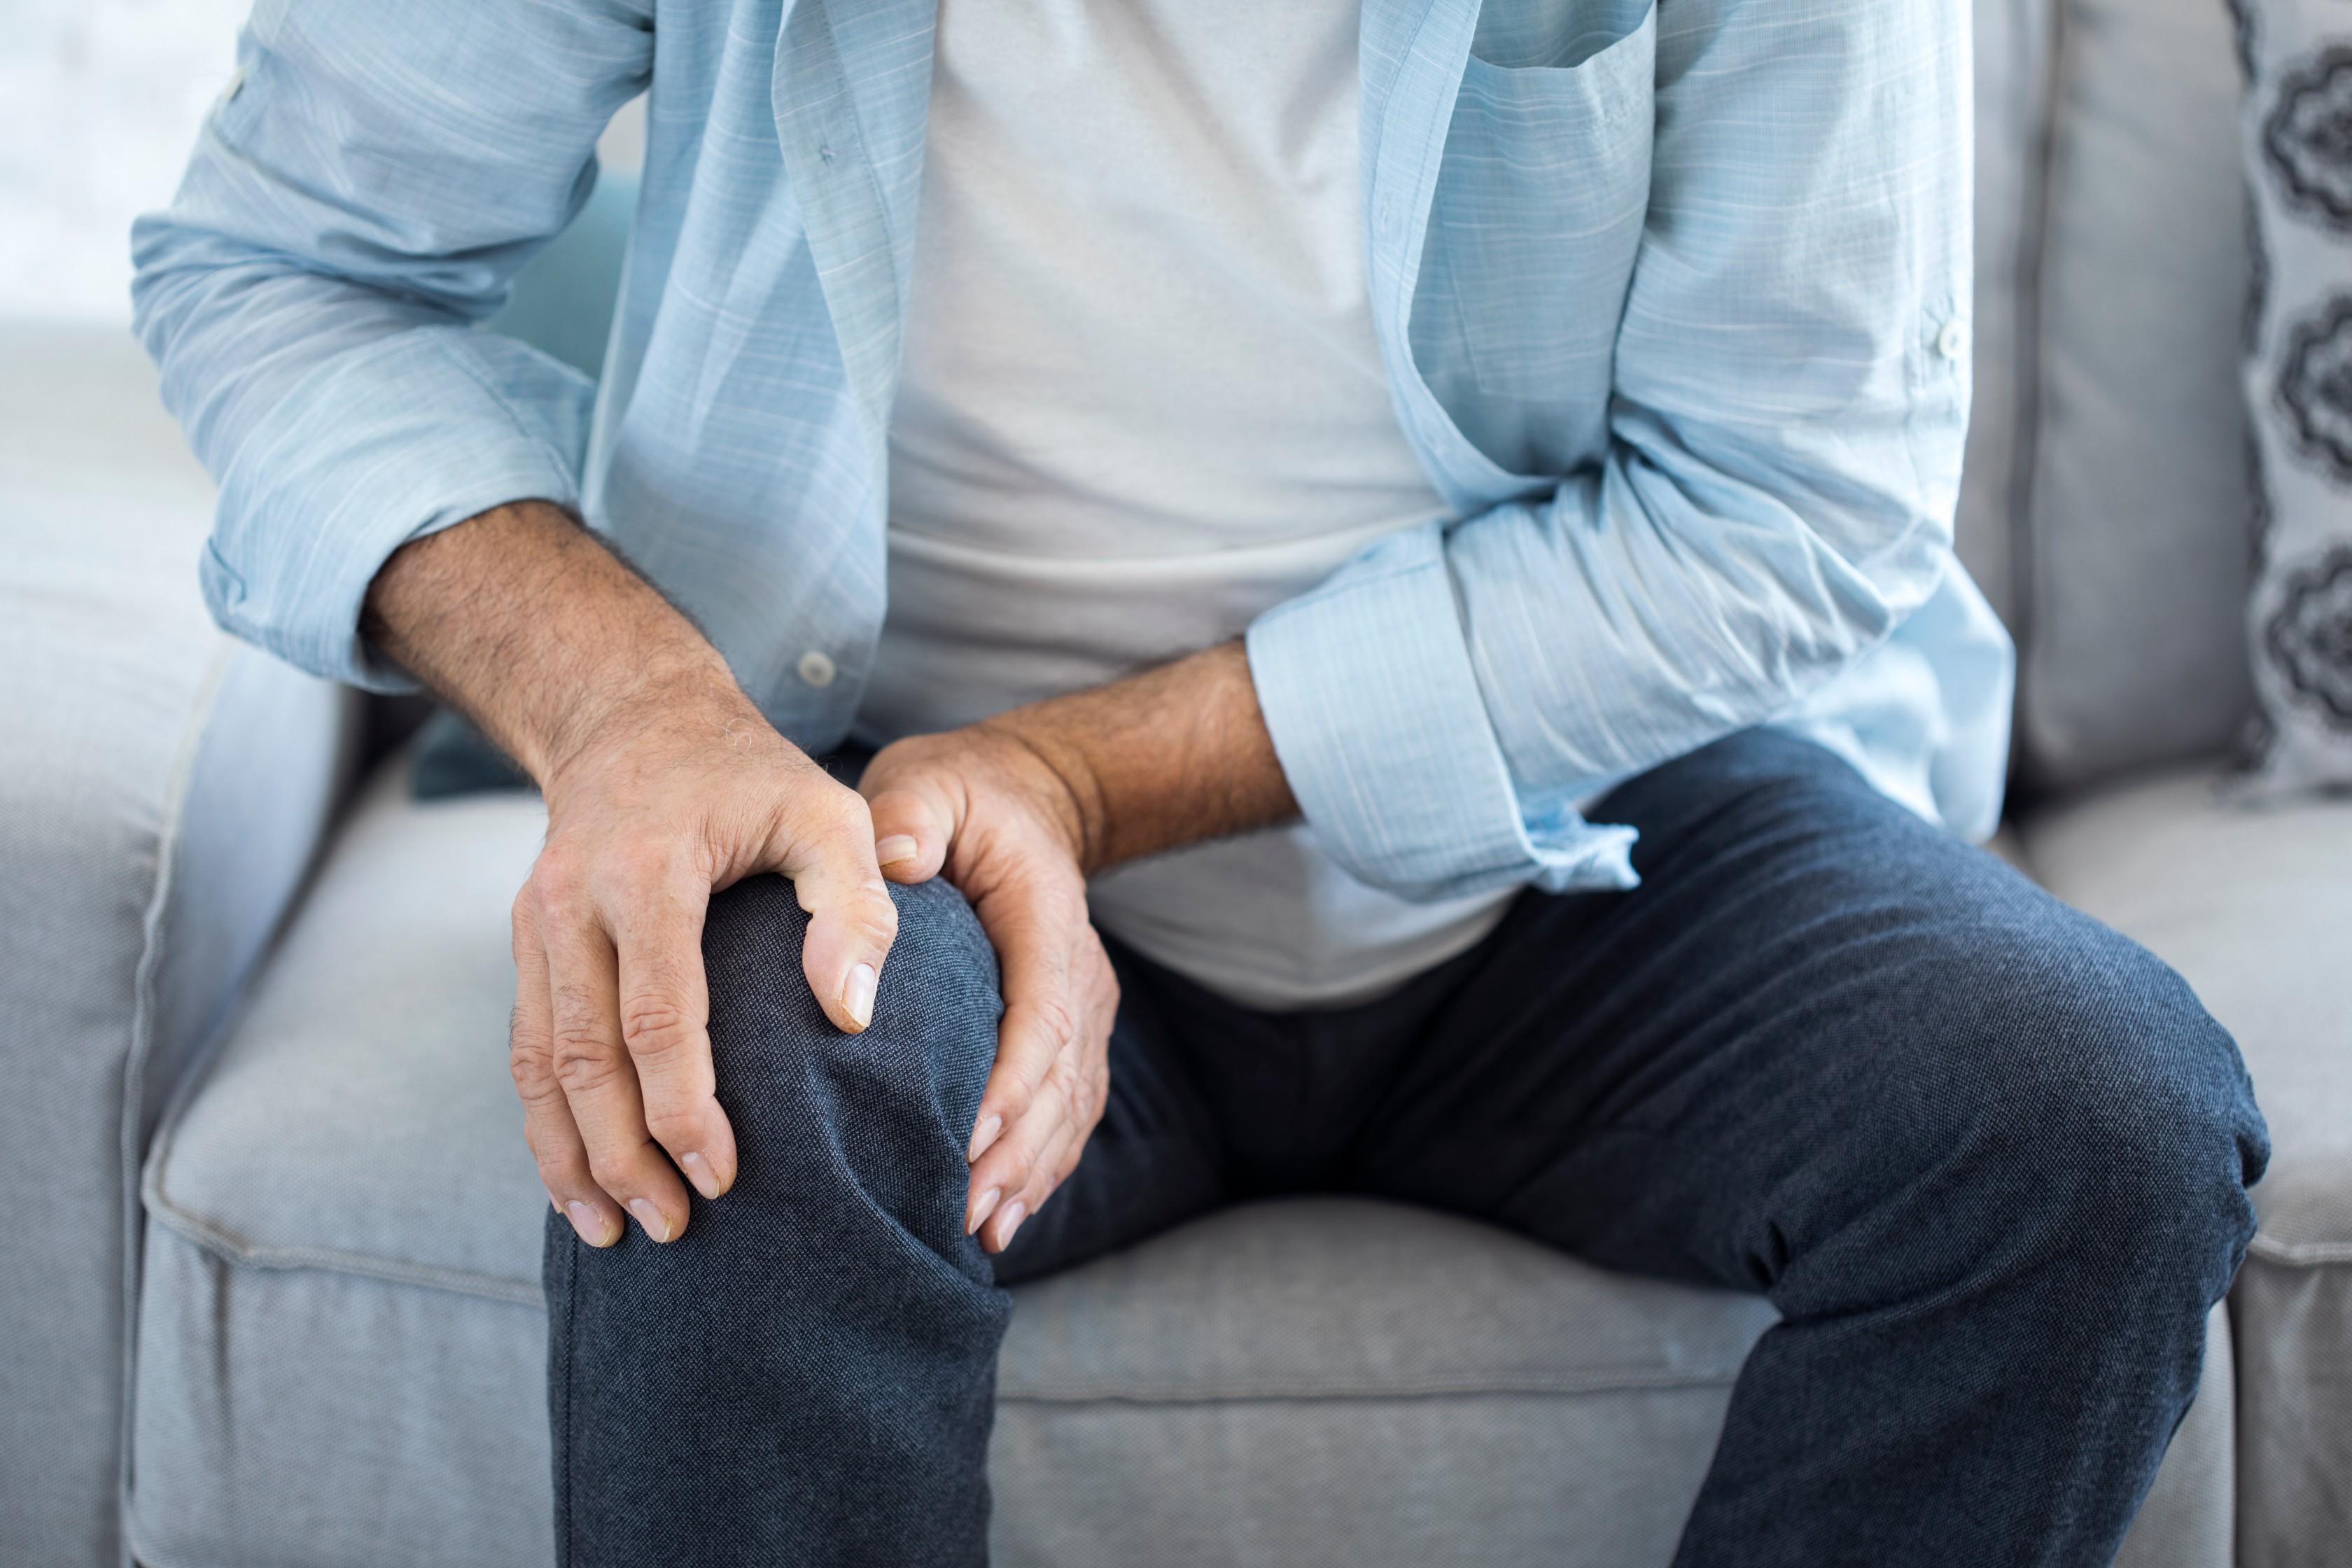 súlyos ízületi fájdalmakkal, mit kell tenni